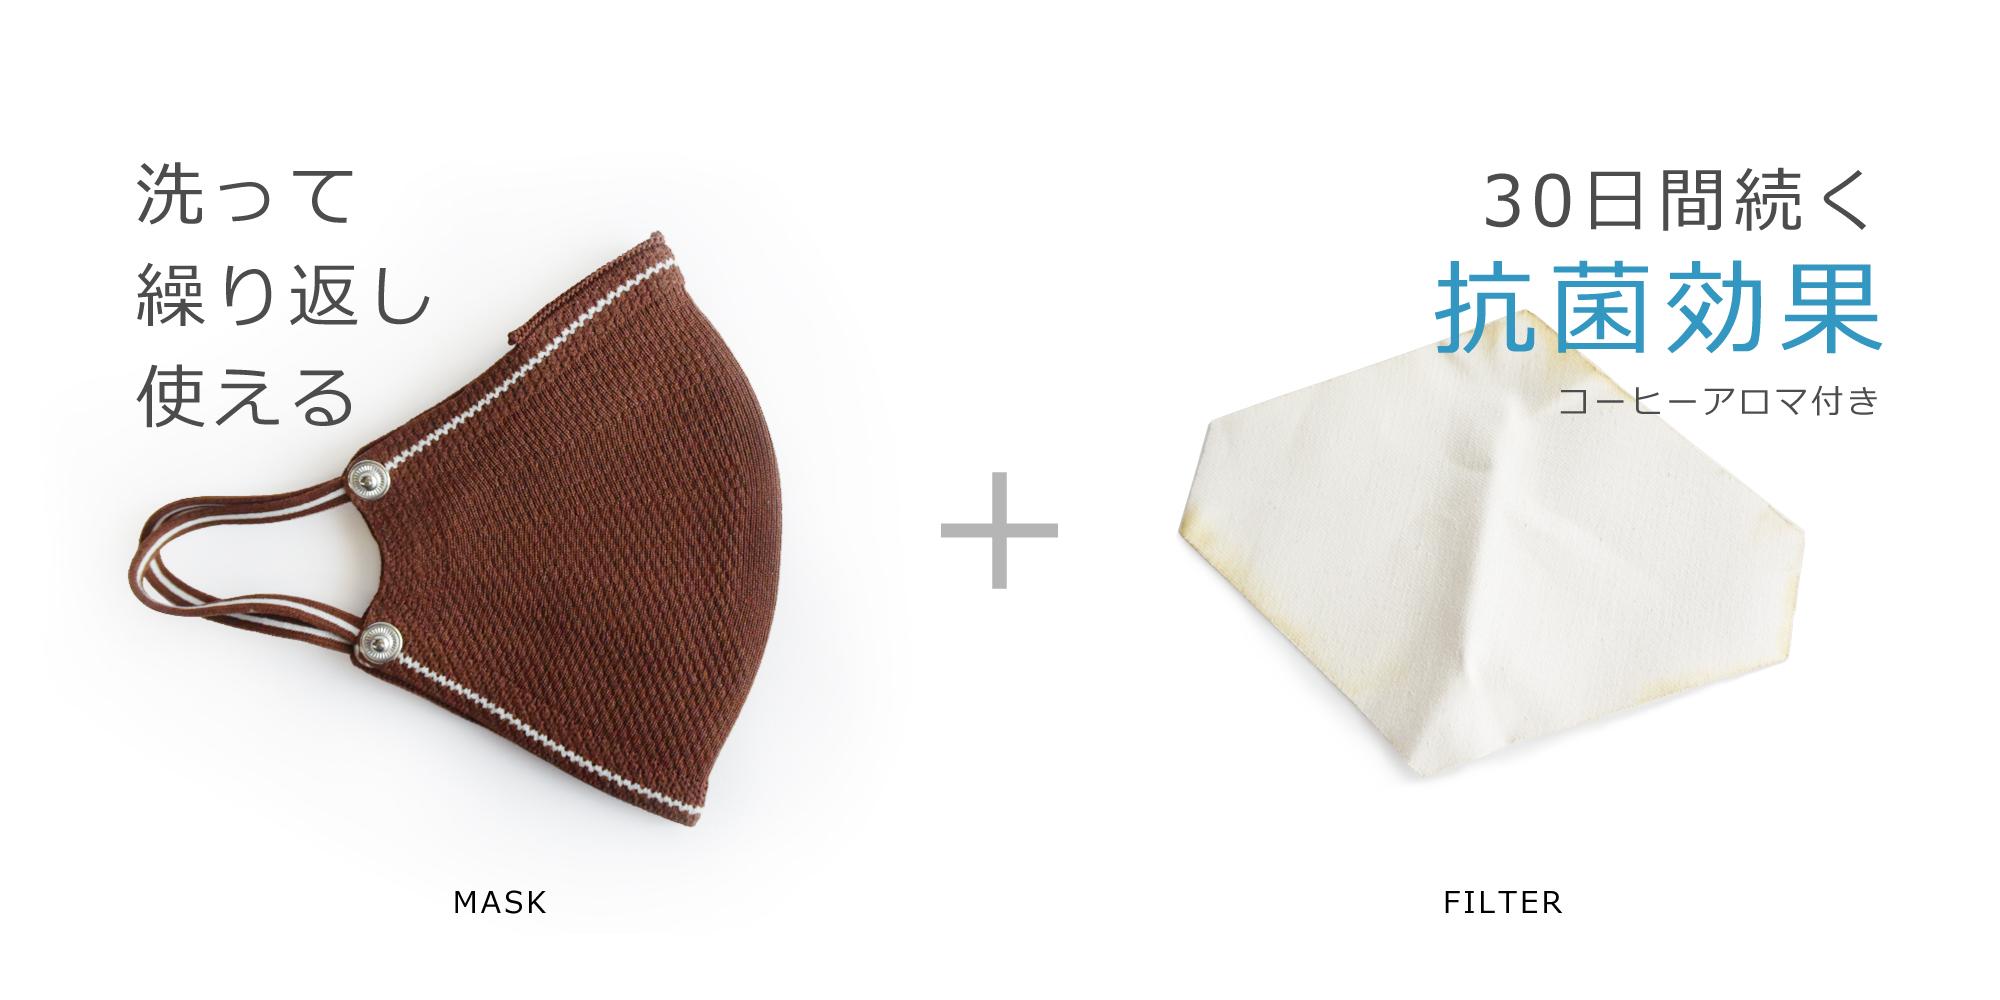 コーヒー フィルター マスク 効果 マスク不足解消!超簡単!コーヒーフィルターで作るマスク・新型コロ...